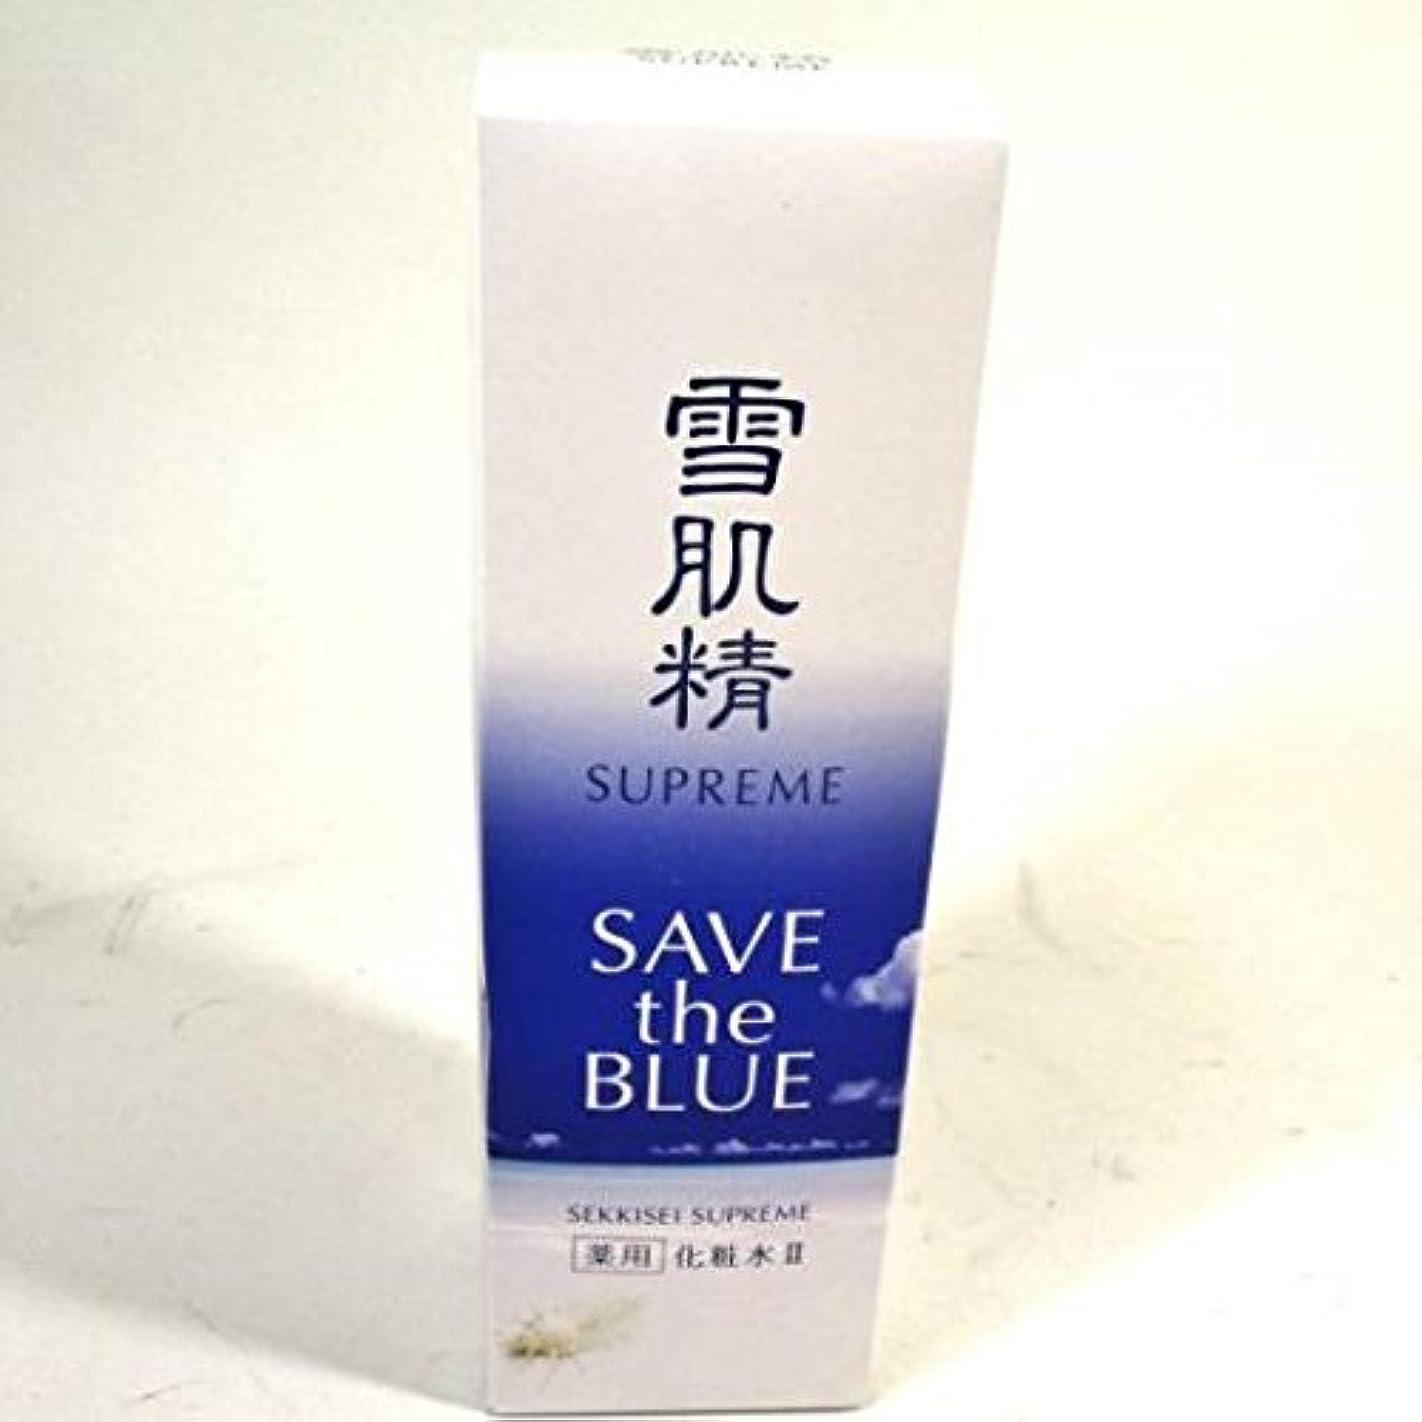 検索エンジン最適化傷つきやすい病者コーセー 雪肌精 シュープレム 化粧水 Ⅱ 「SAVE the BLUE」 400ml